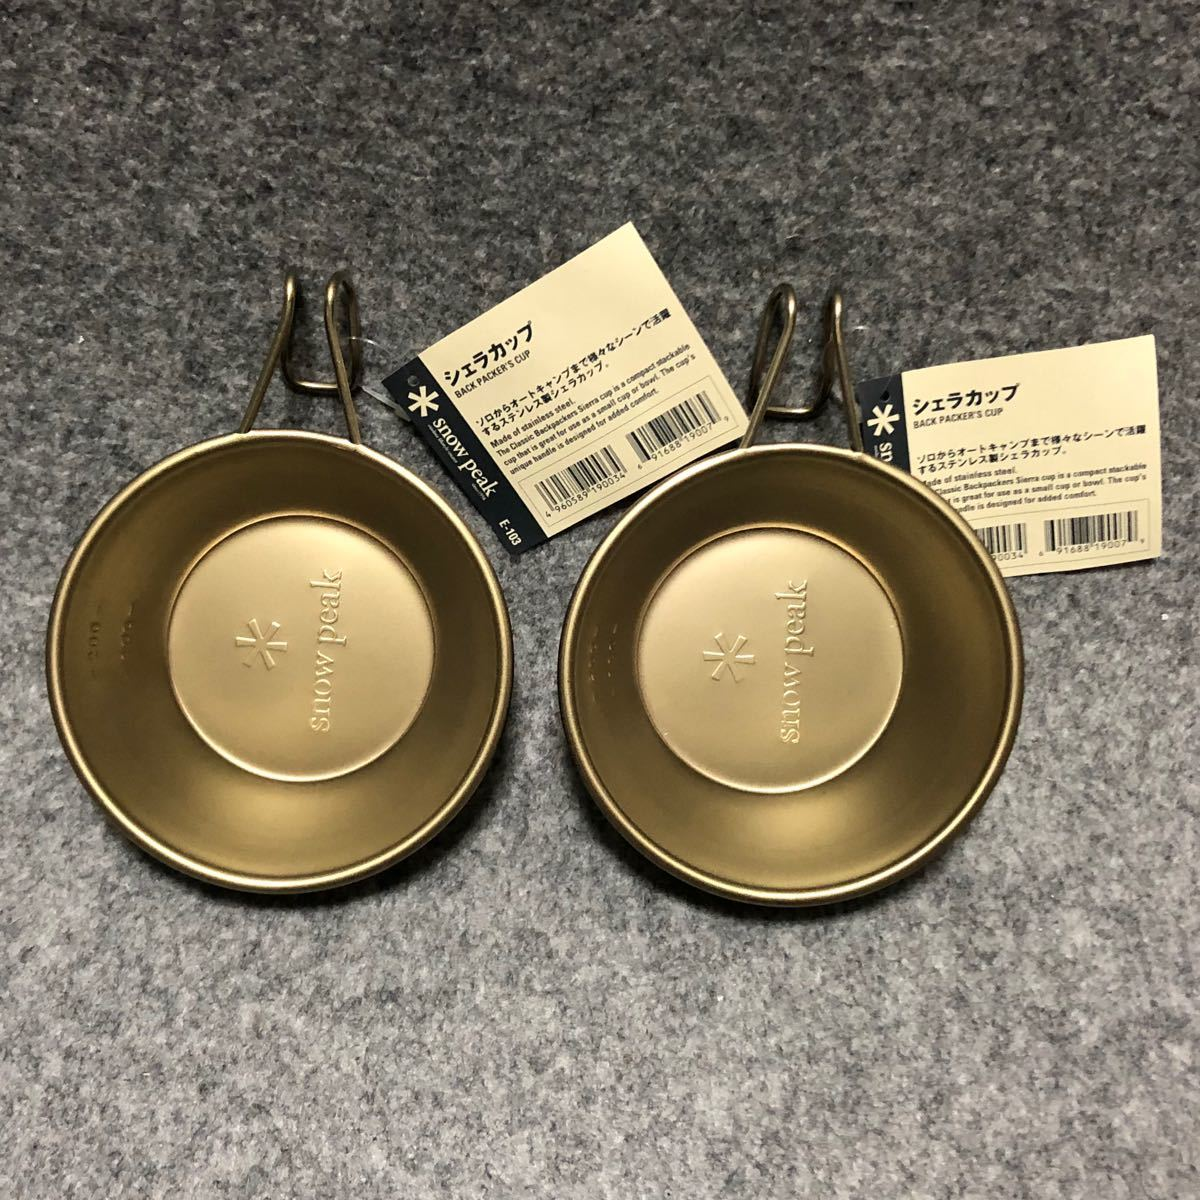 スノーピーク ステンレス シェラカップ E-103 2個セット GOLDEN  BROWN